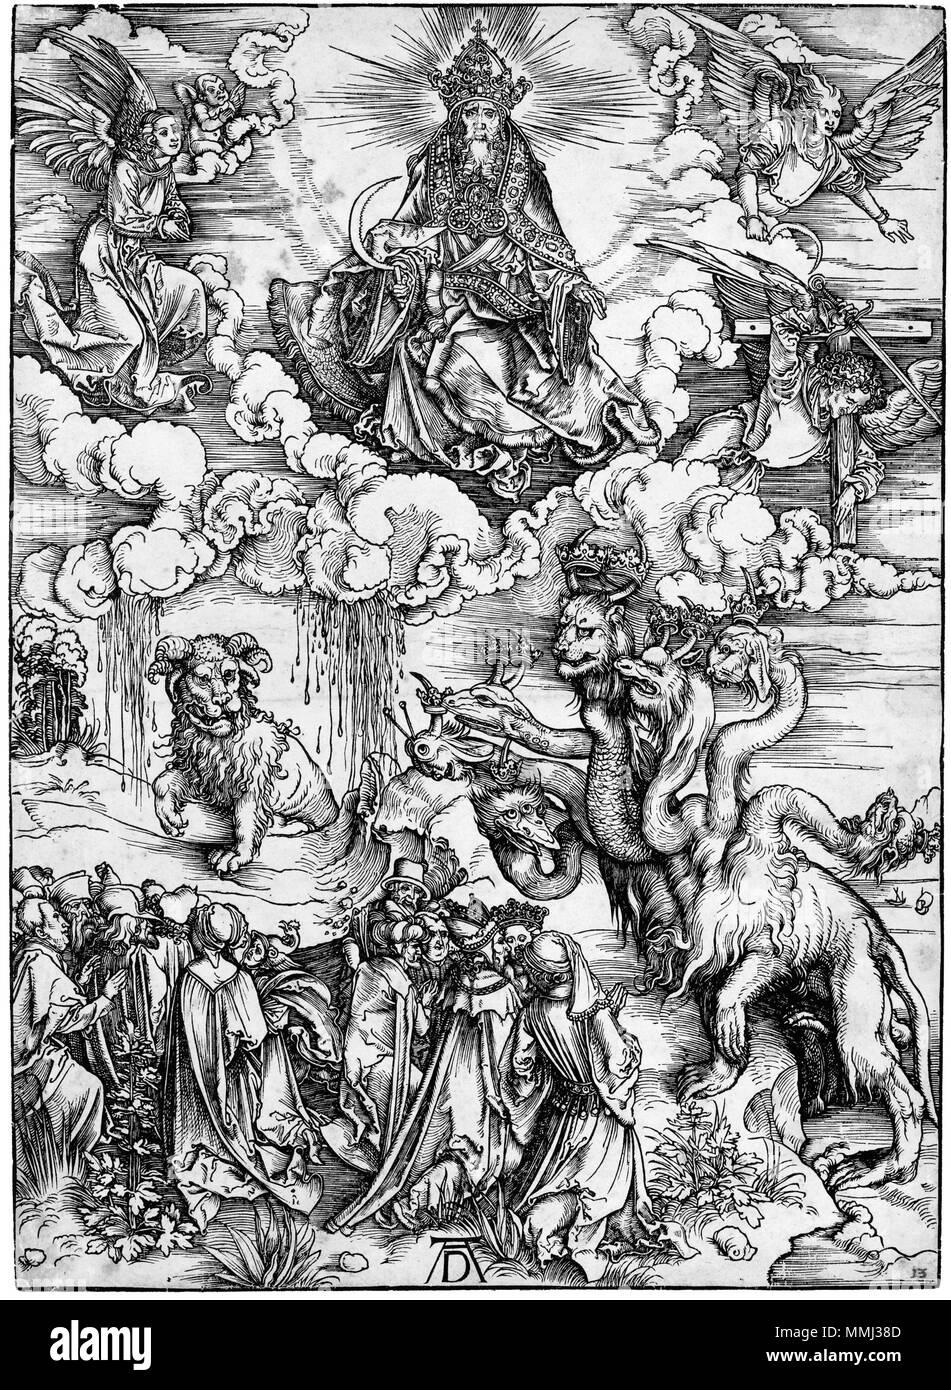 Das Tier mit zwei Hörnern wie ein Lamm (B. 74; M., Holl. 175) * Holzschnitt aus der Apokalypse * 39 x 28,2 cm * ca. 1496-1497 Durer, apocalisse, 12 il mostro Marino e la Bestia Stockfoto